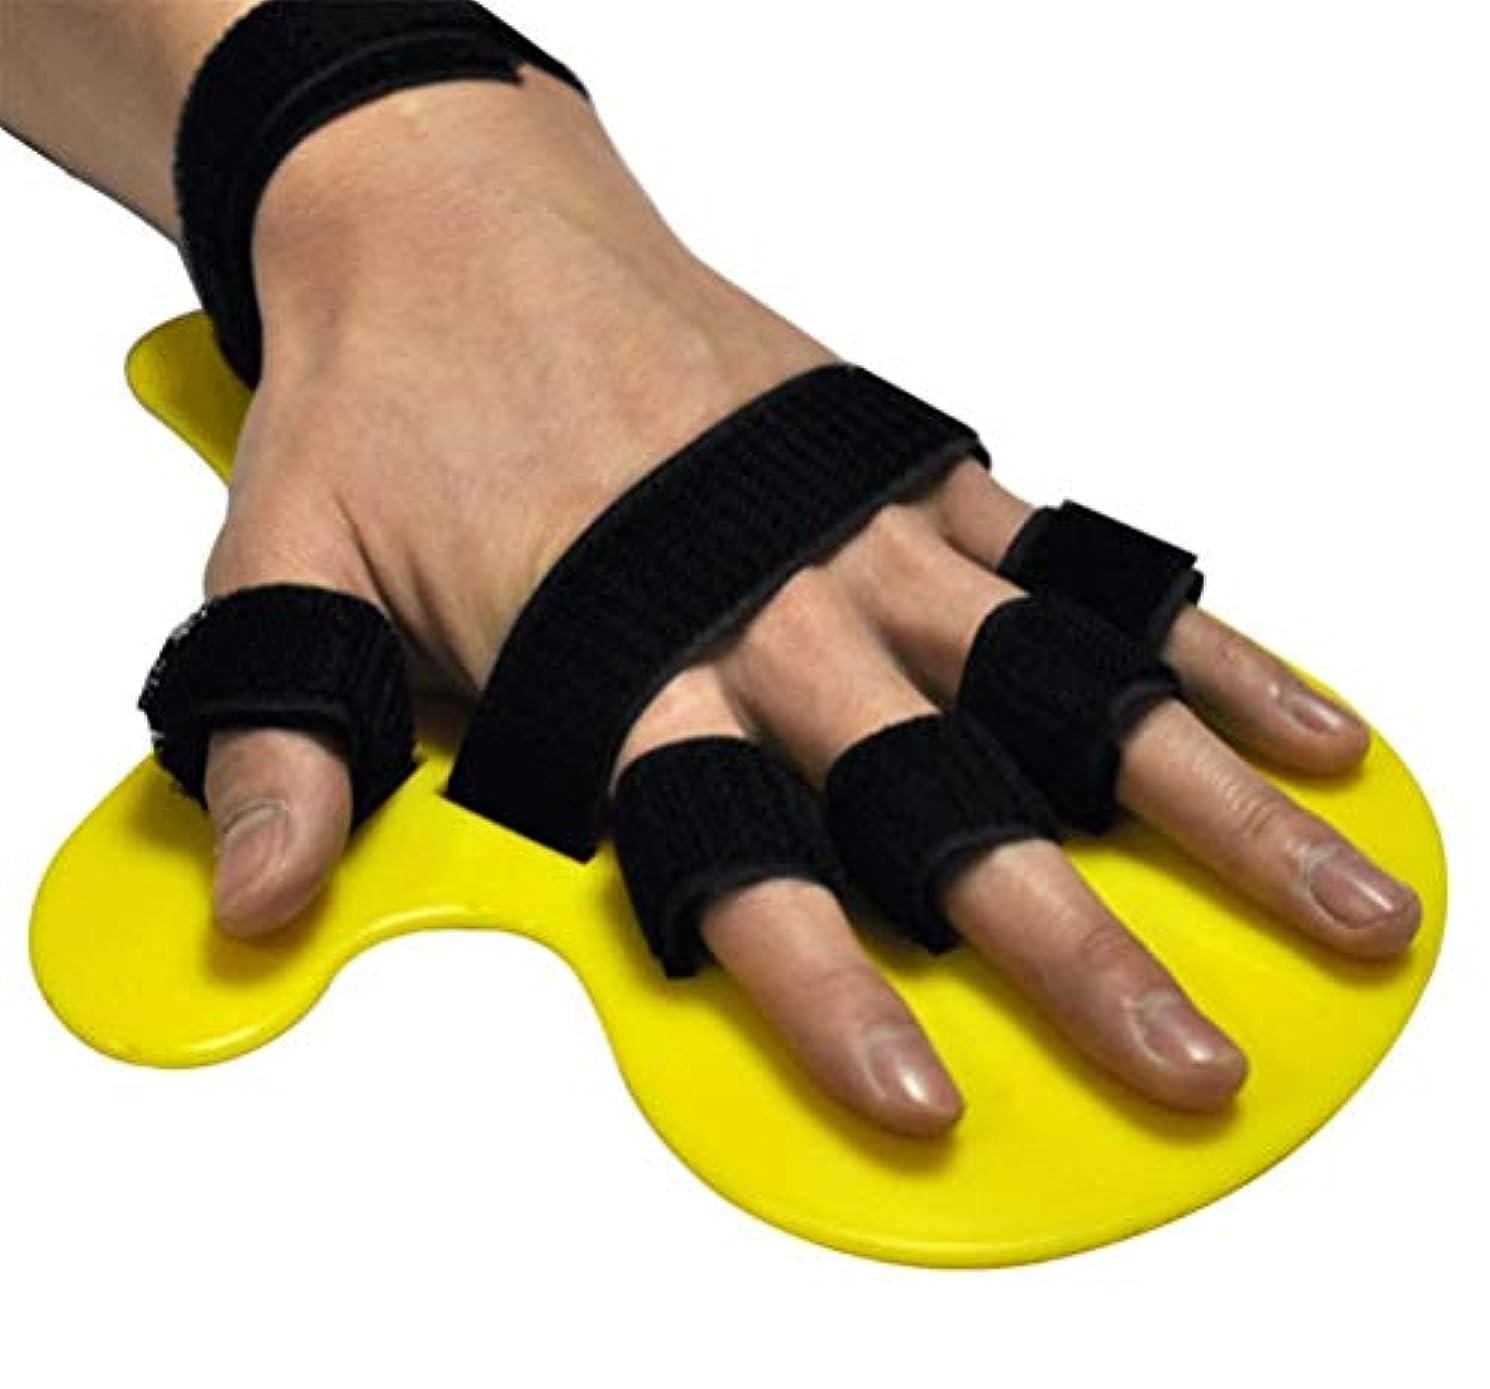 達成可能ダンプ円周研修会フィンガースプリント指リハビリテーション指インソール指、機器医療の手の手首の装具デバイスを指